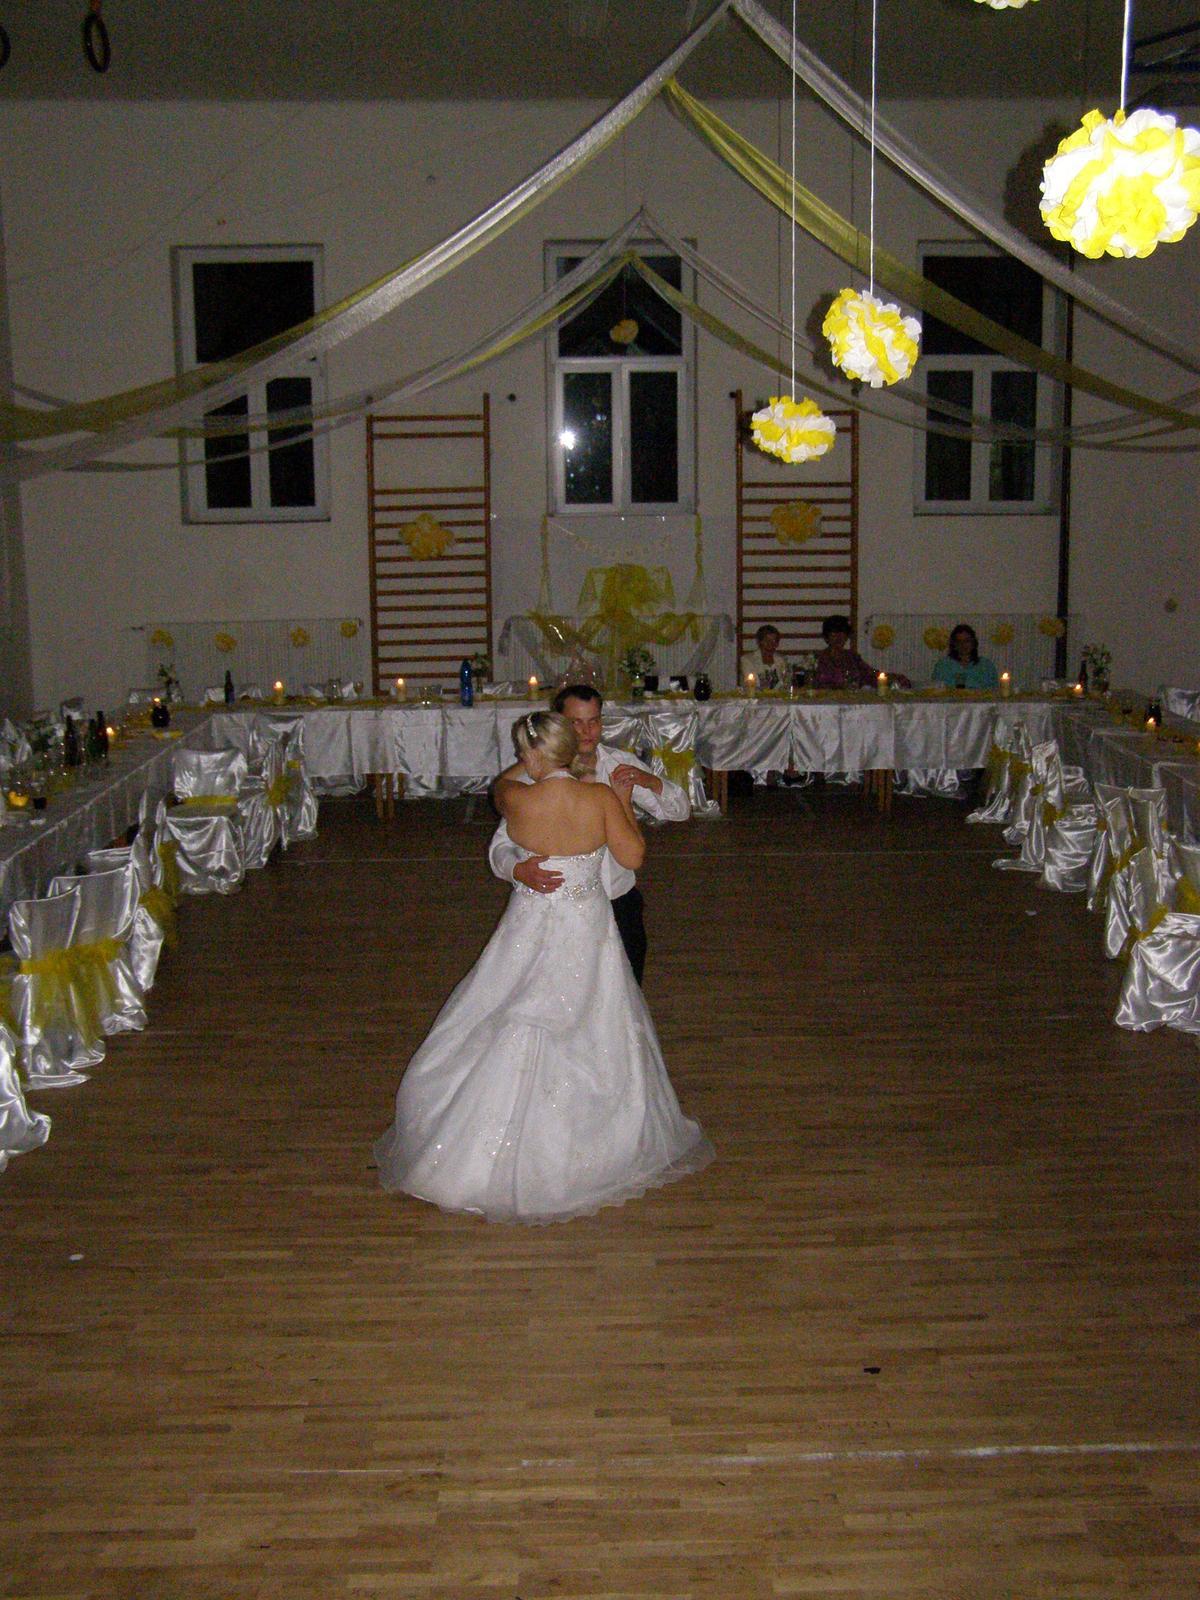 Svatba Verča a Zbyněk - poslední tanec večera opět patřil novomanželům